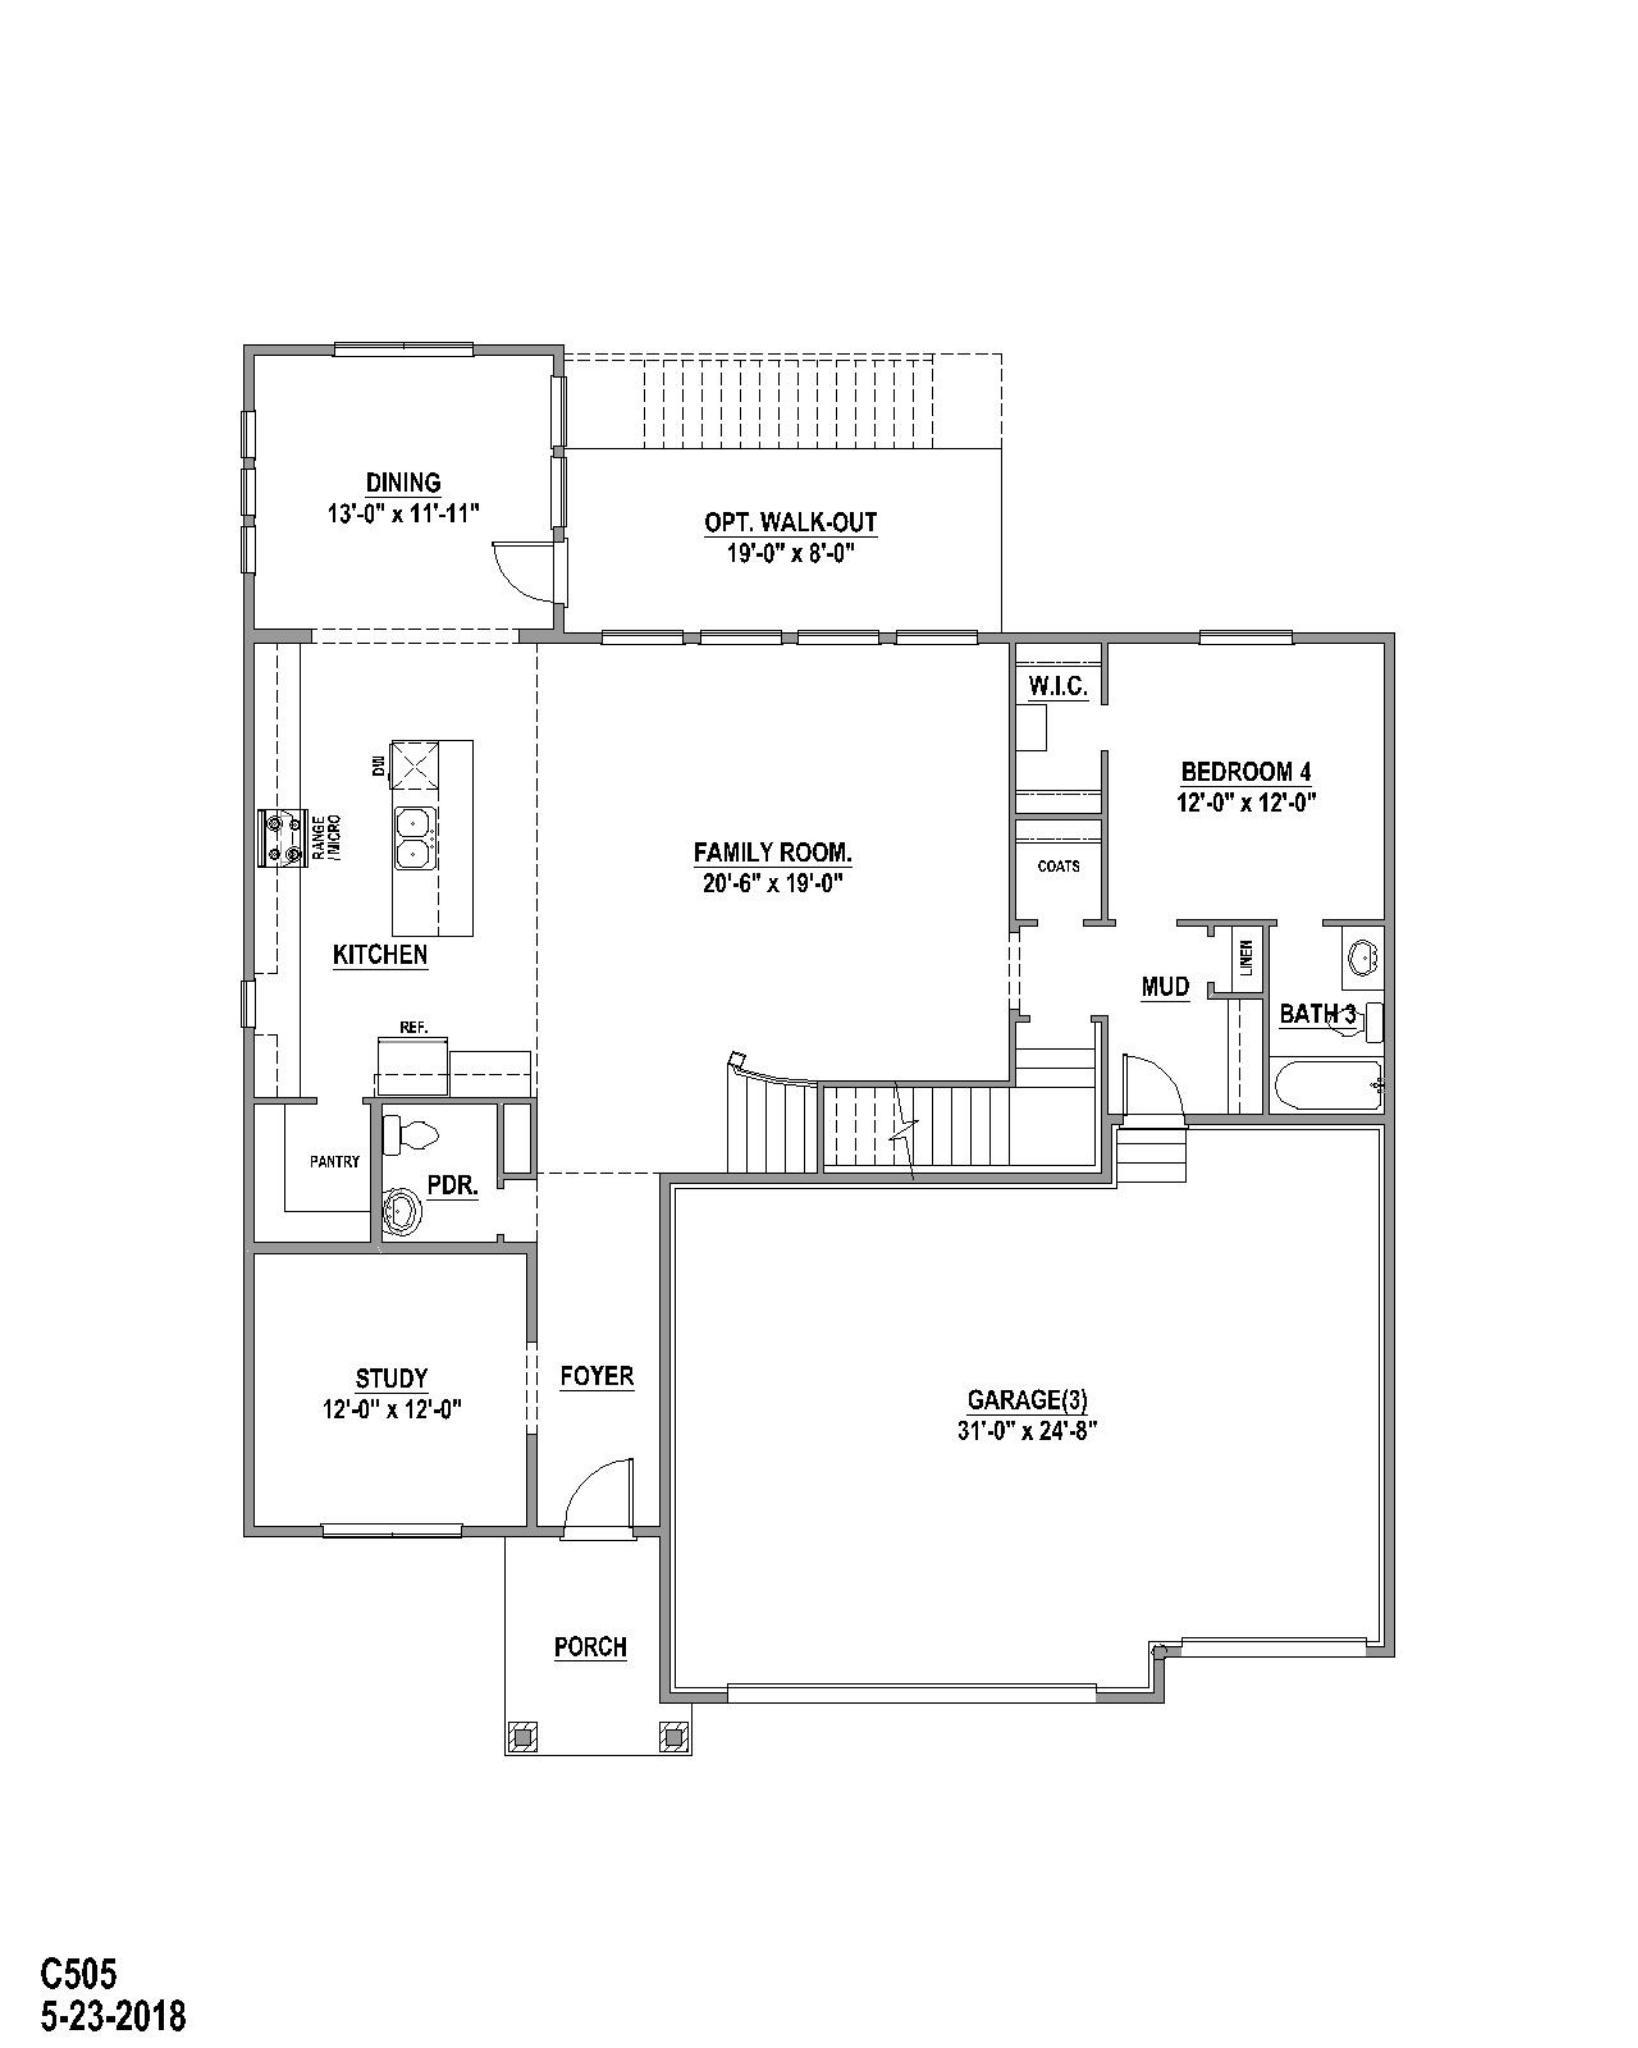 Plan C505 Floor Plan